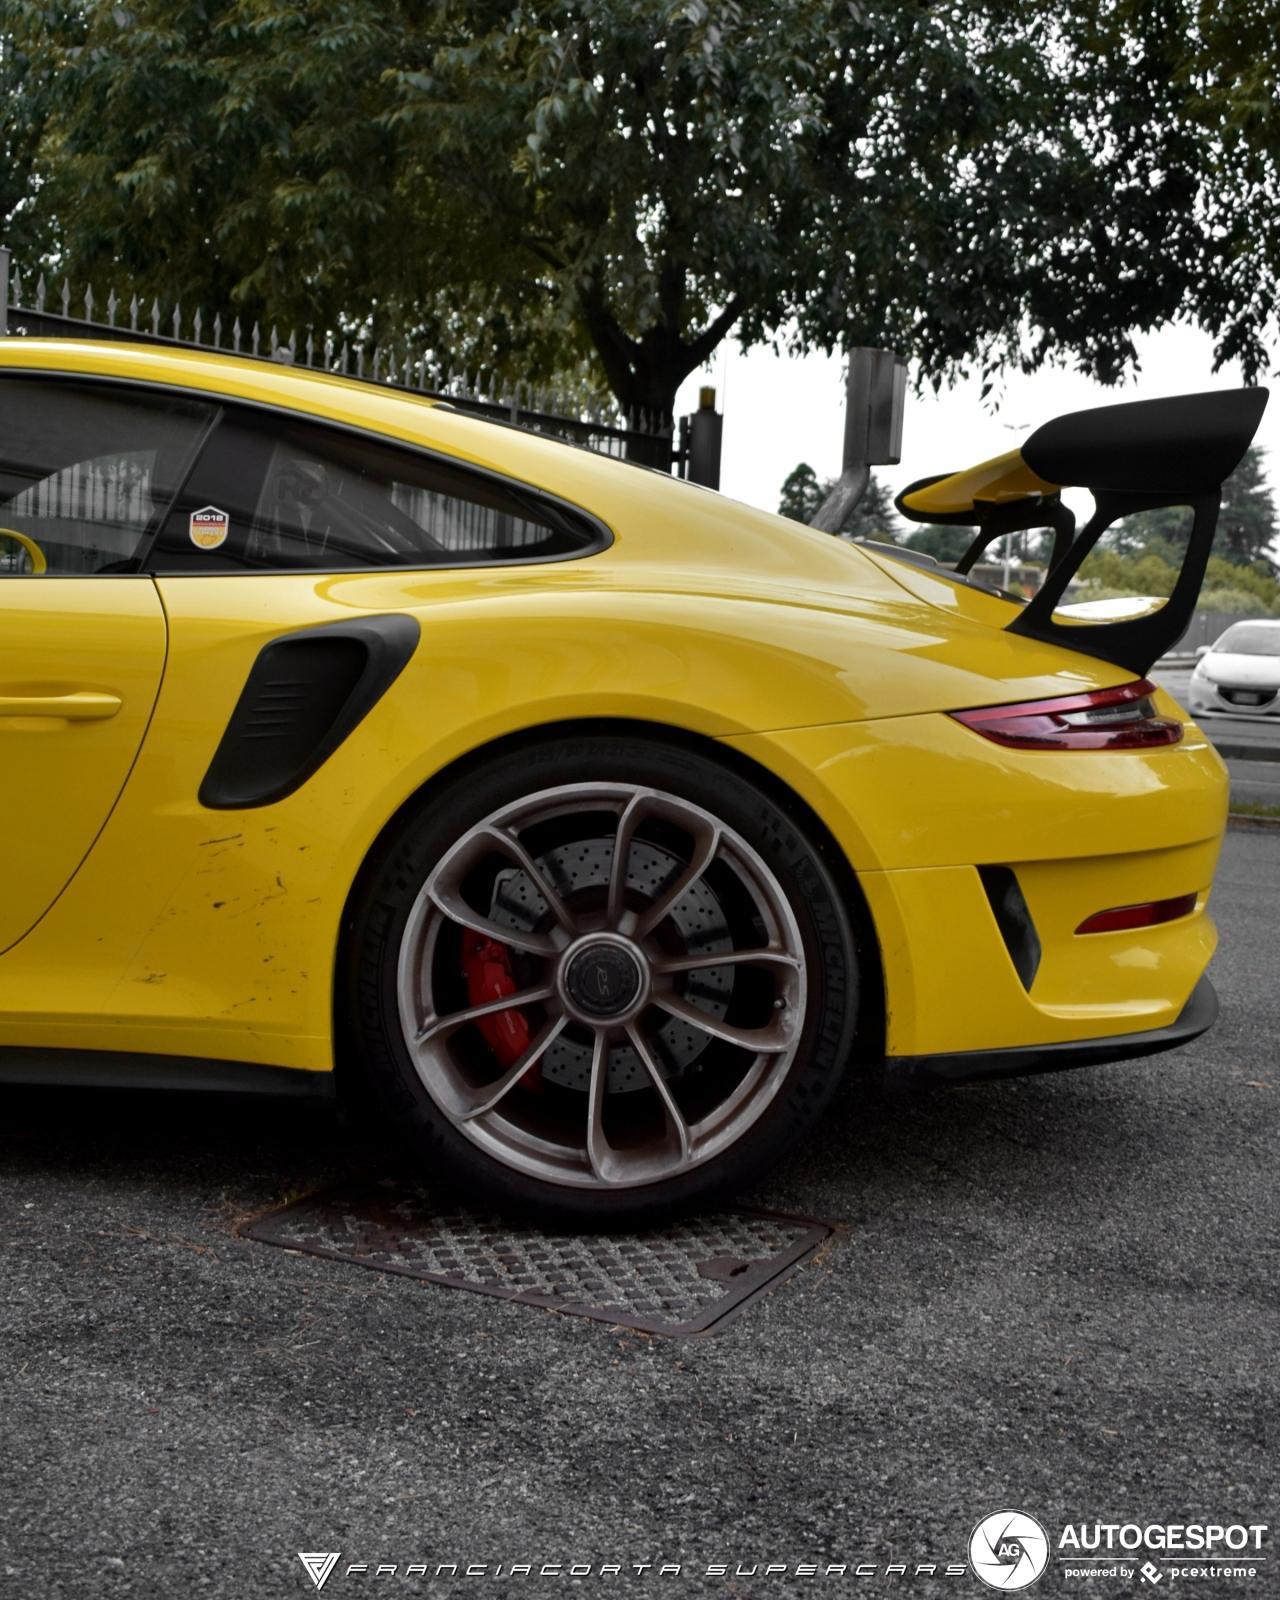 2019 Porsche 911 Gt3 Rs: Porsche 991 GT3 RS MkII